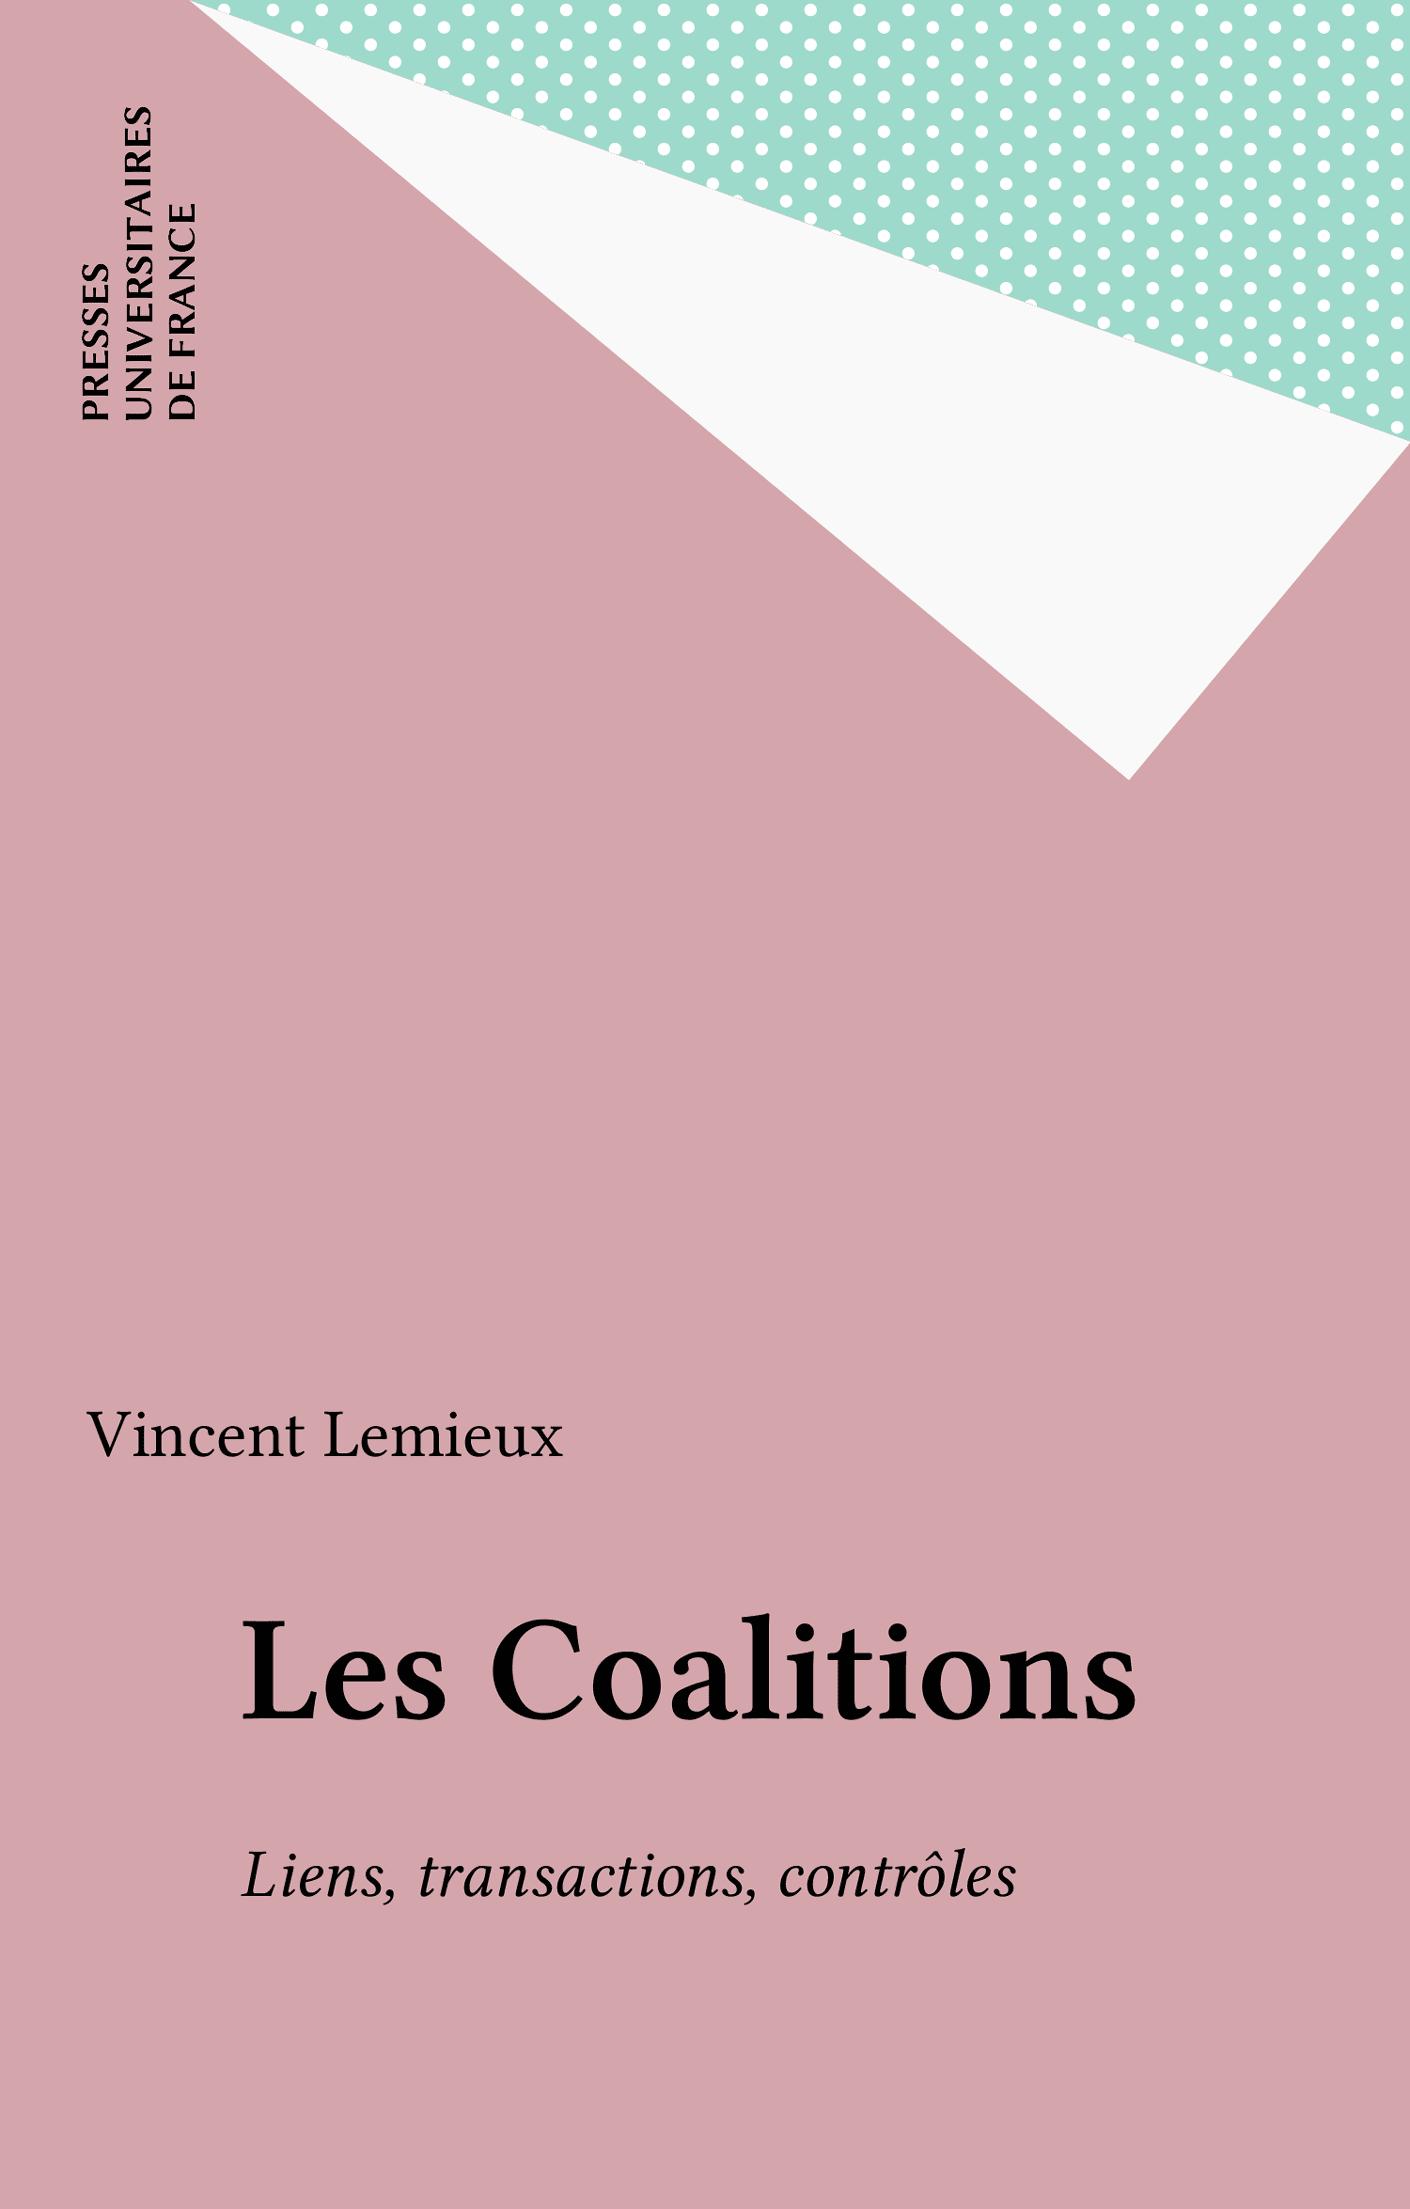 Les Coalitions